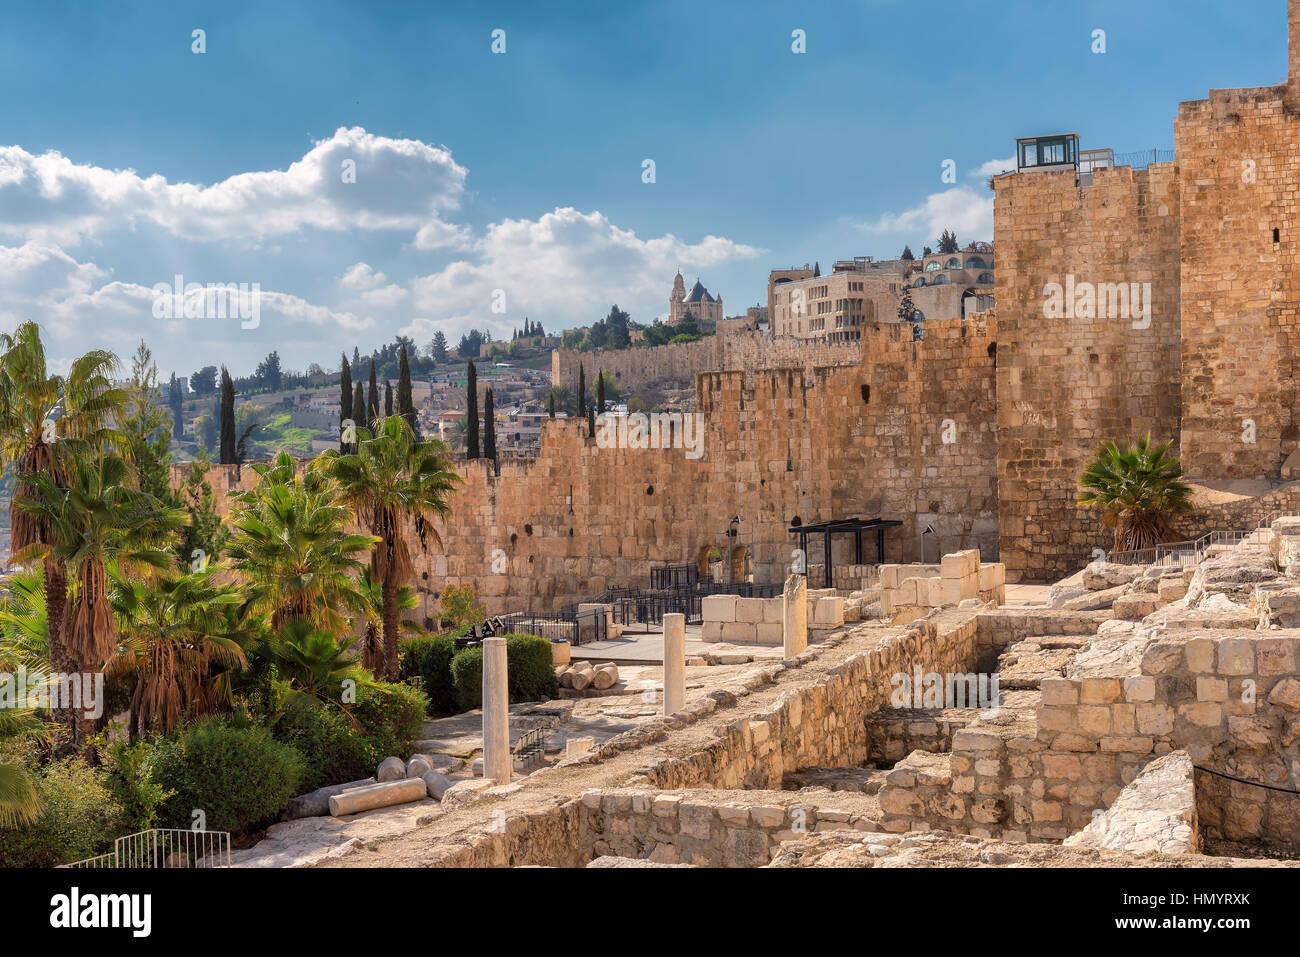 Ein Blick auf die antike Altstadt von Jerusalem vom Tempelberg, Jerusalem, Israel. Stockbild